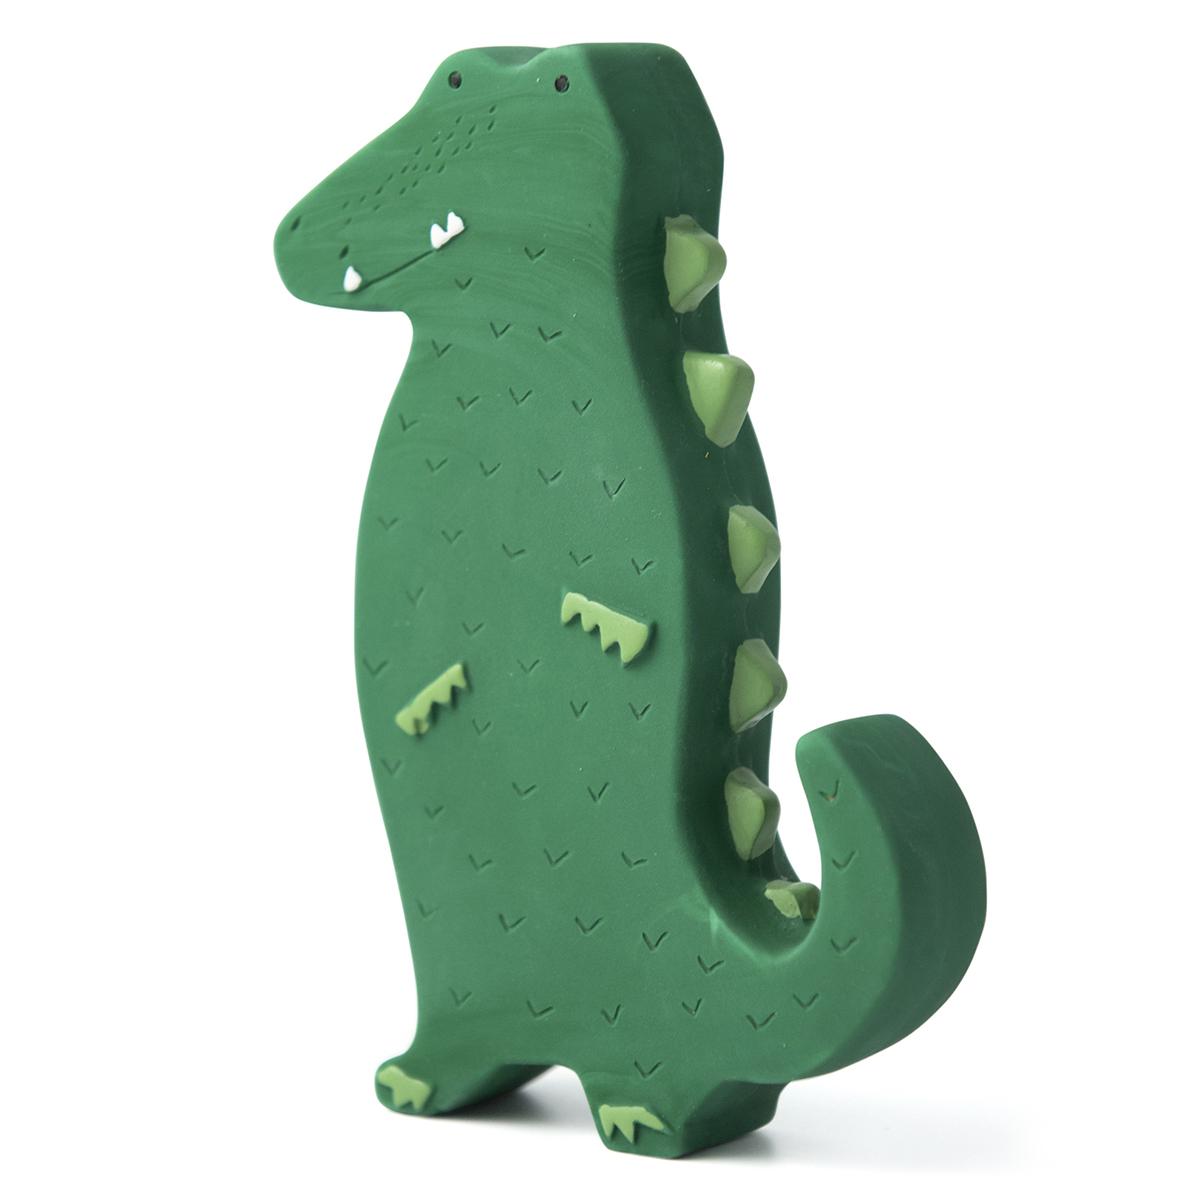 Dentition Jouet en Caoutchouc Naturel - Mr. Crocodile Jouet en Caoutchouc Naturel - Mr. Crocodile